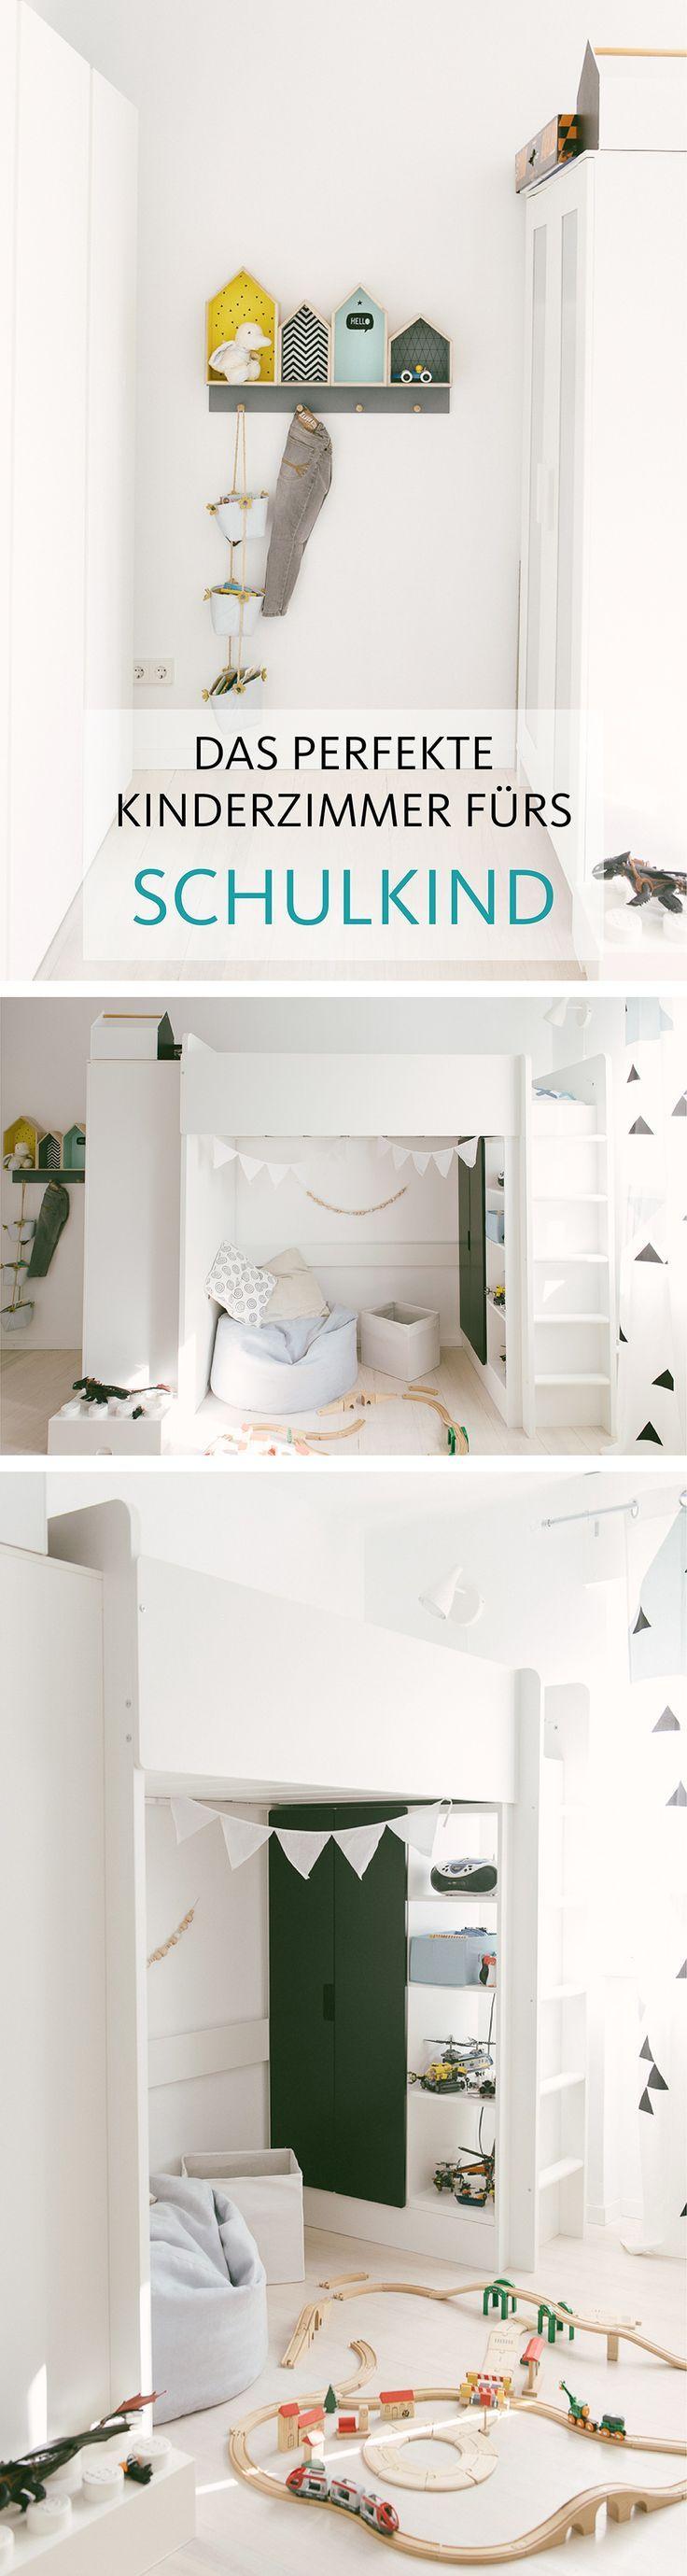 Kinderzimmer bilder ideen schulkinder kinderzimmer und neuer - Kinderzimmer schulkind ...